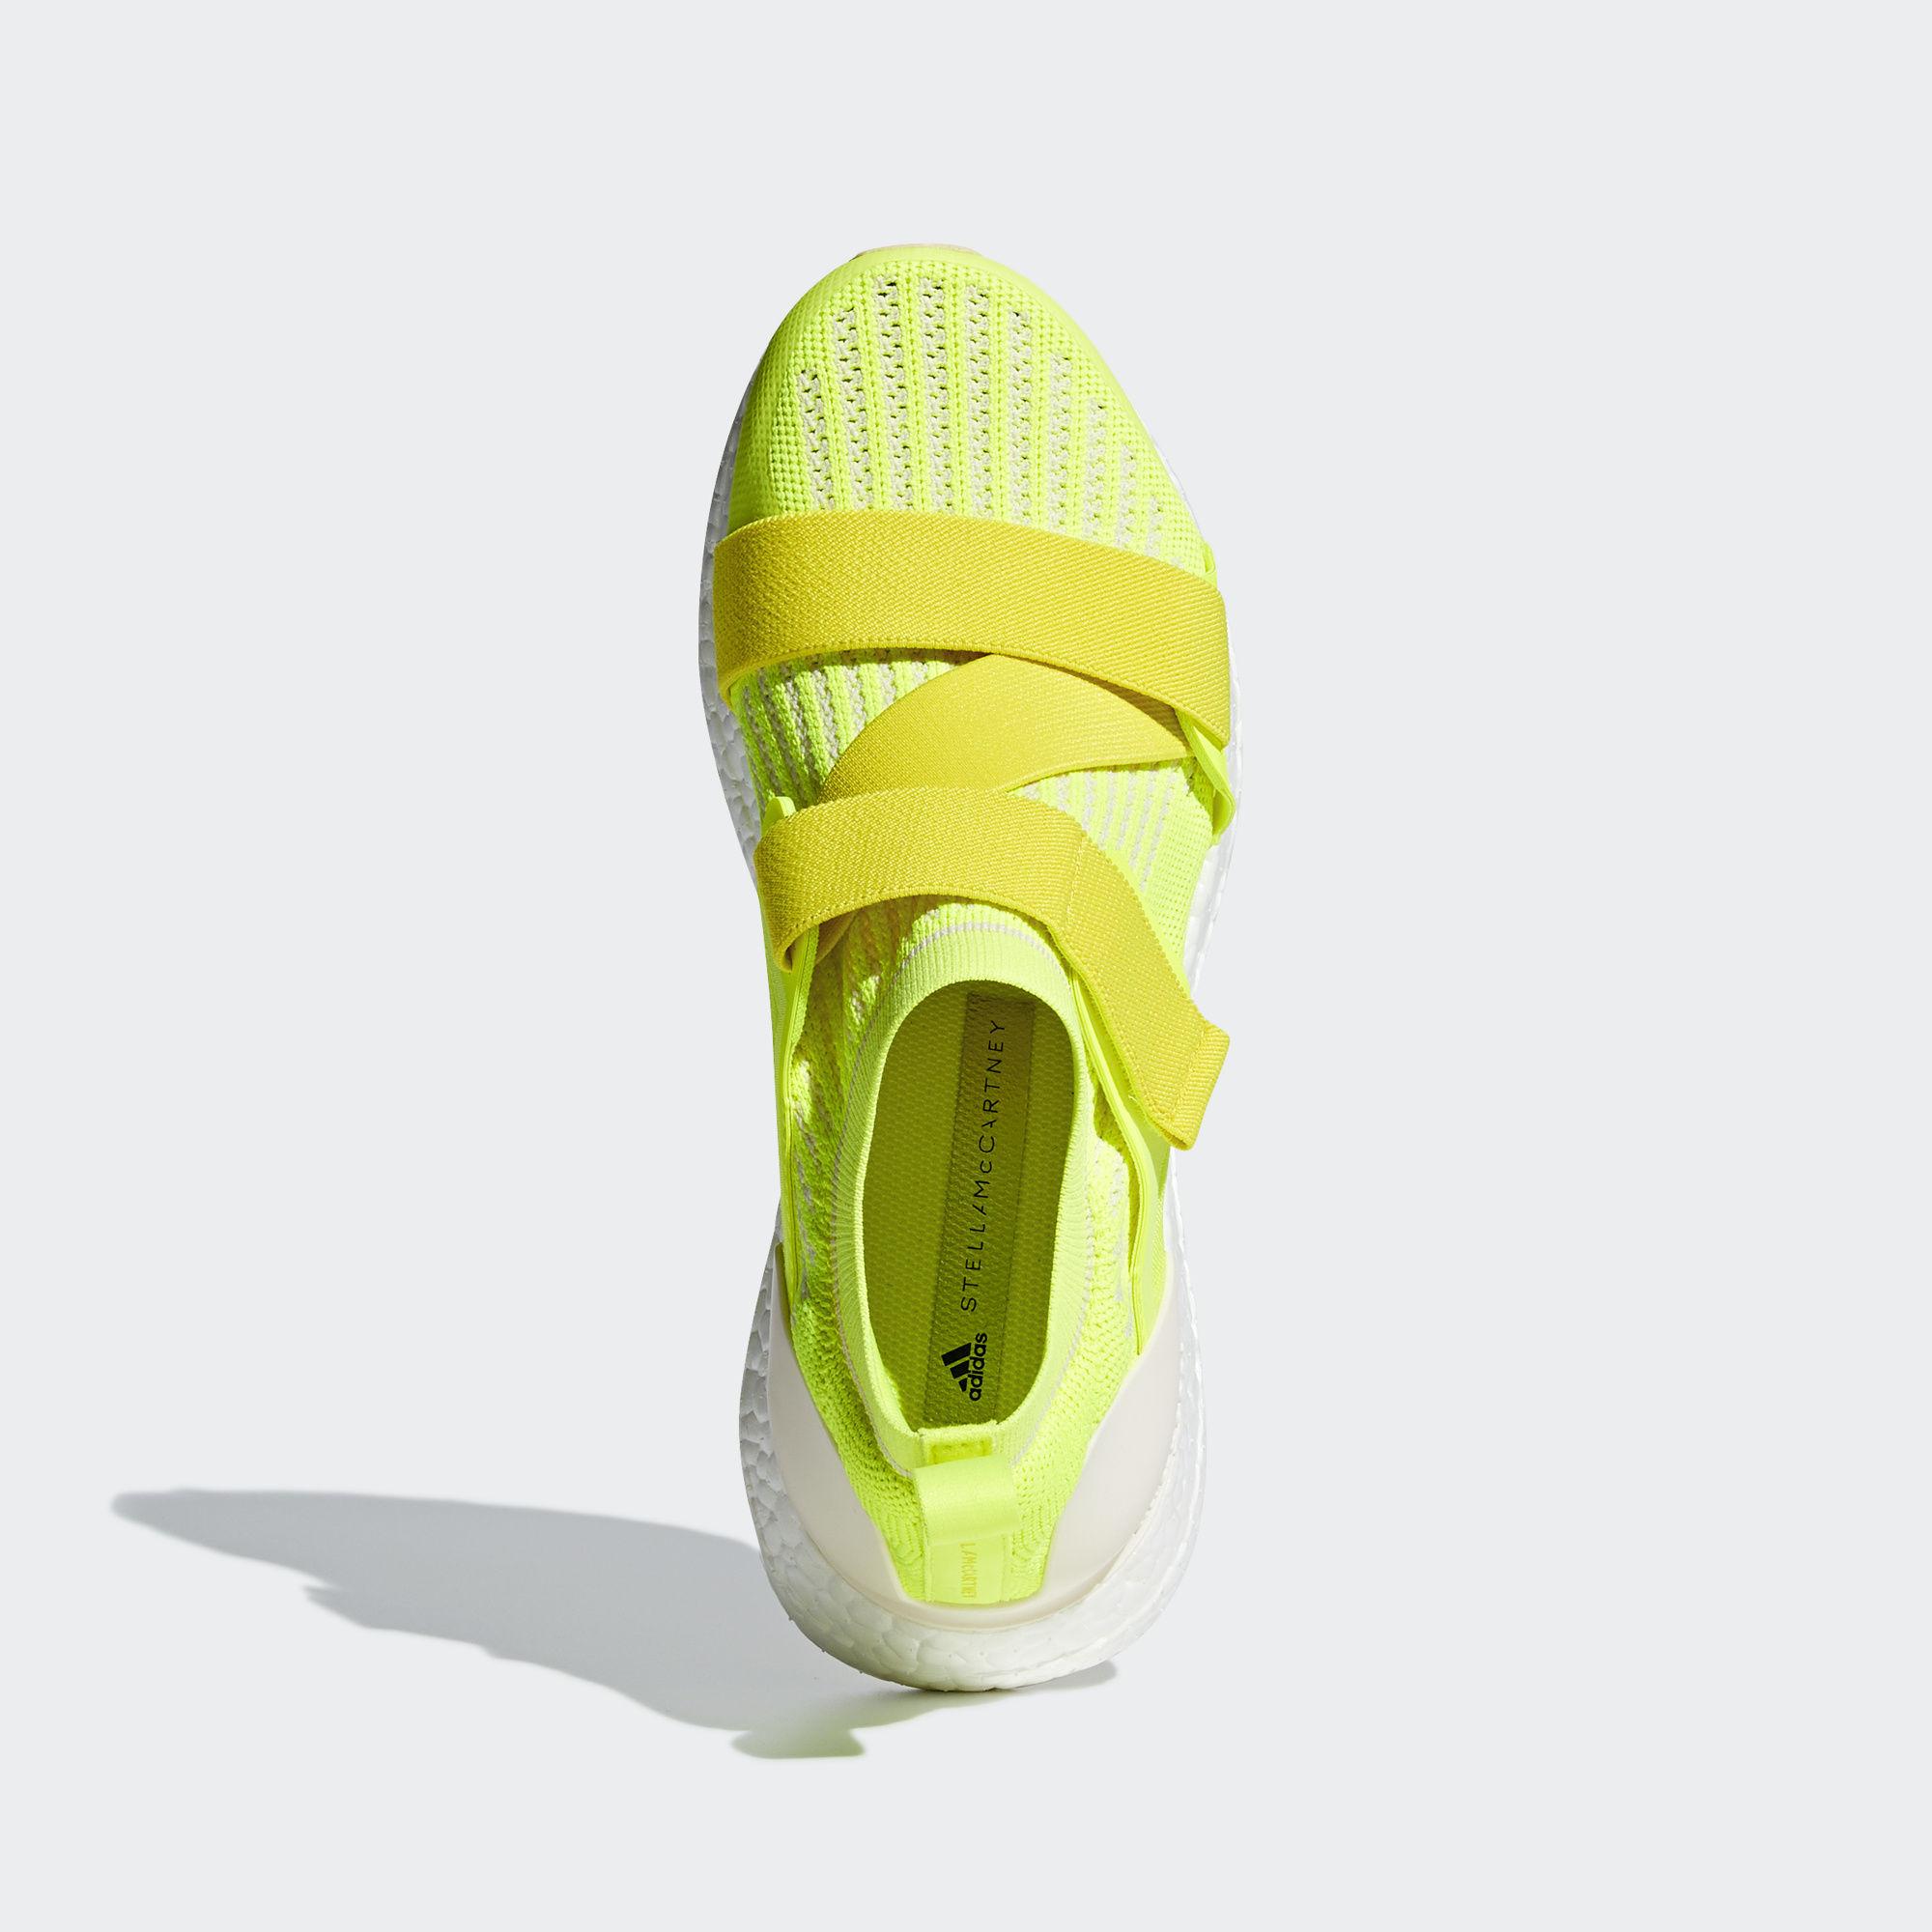 Adidas UltraBOOST X AC7550